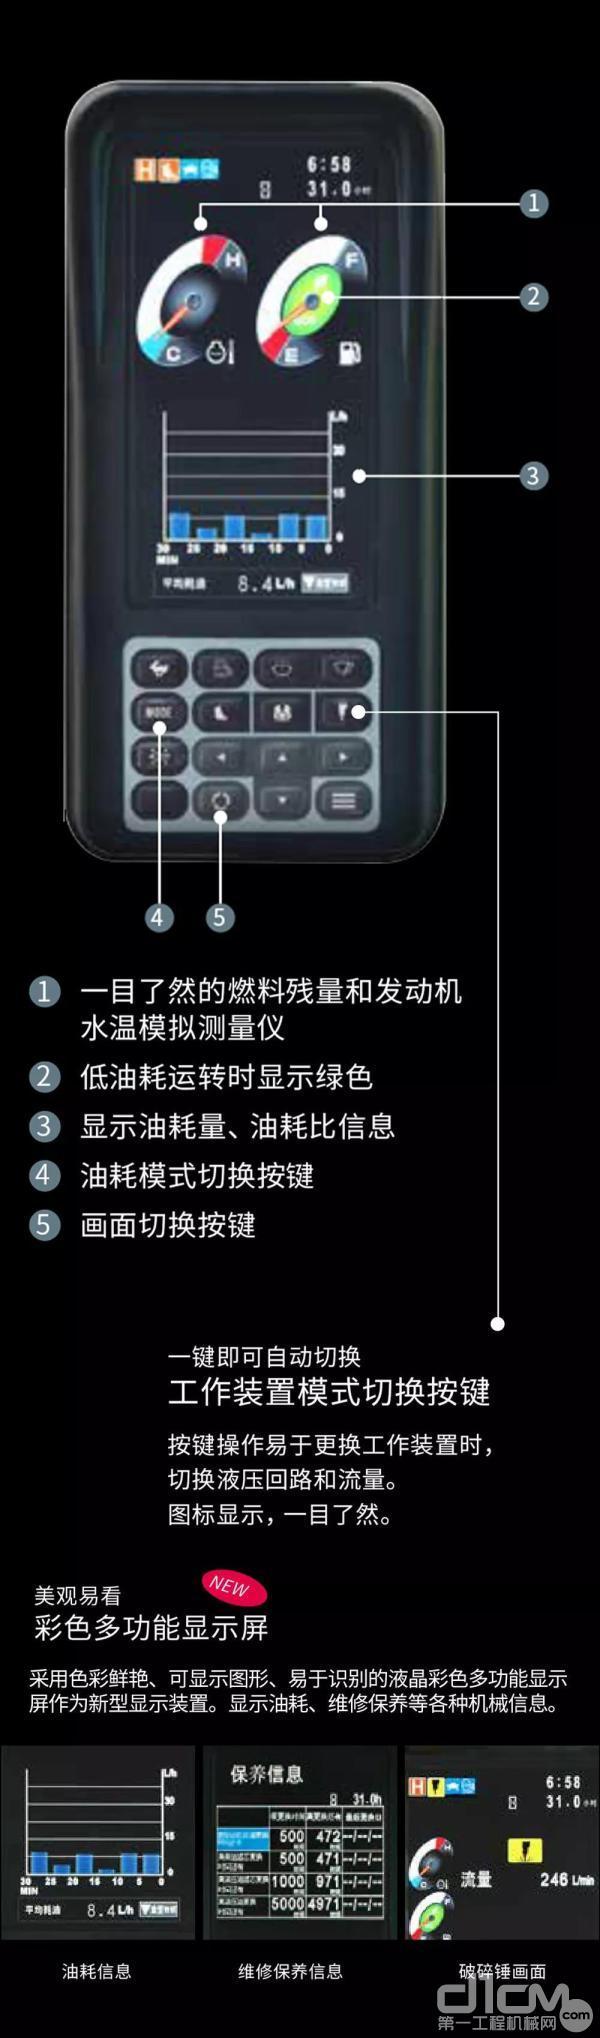 易看易用的彩色多功能显示屏和操作面板